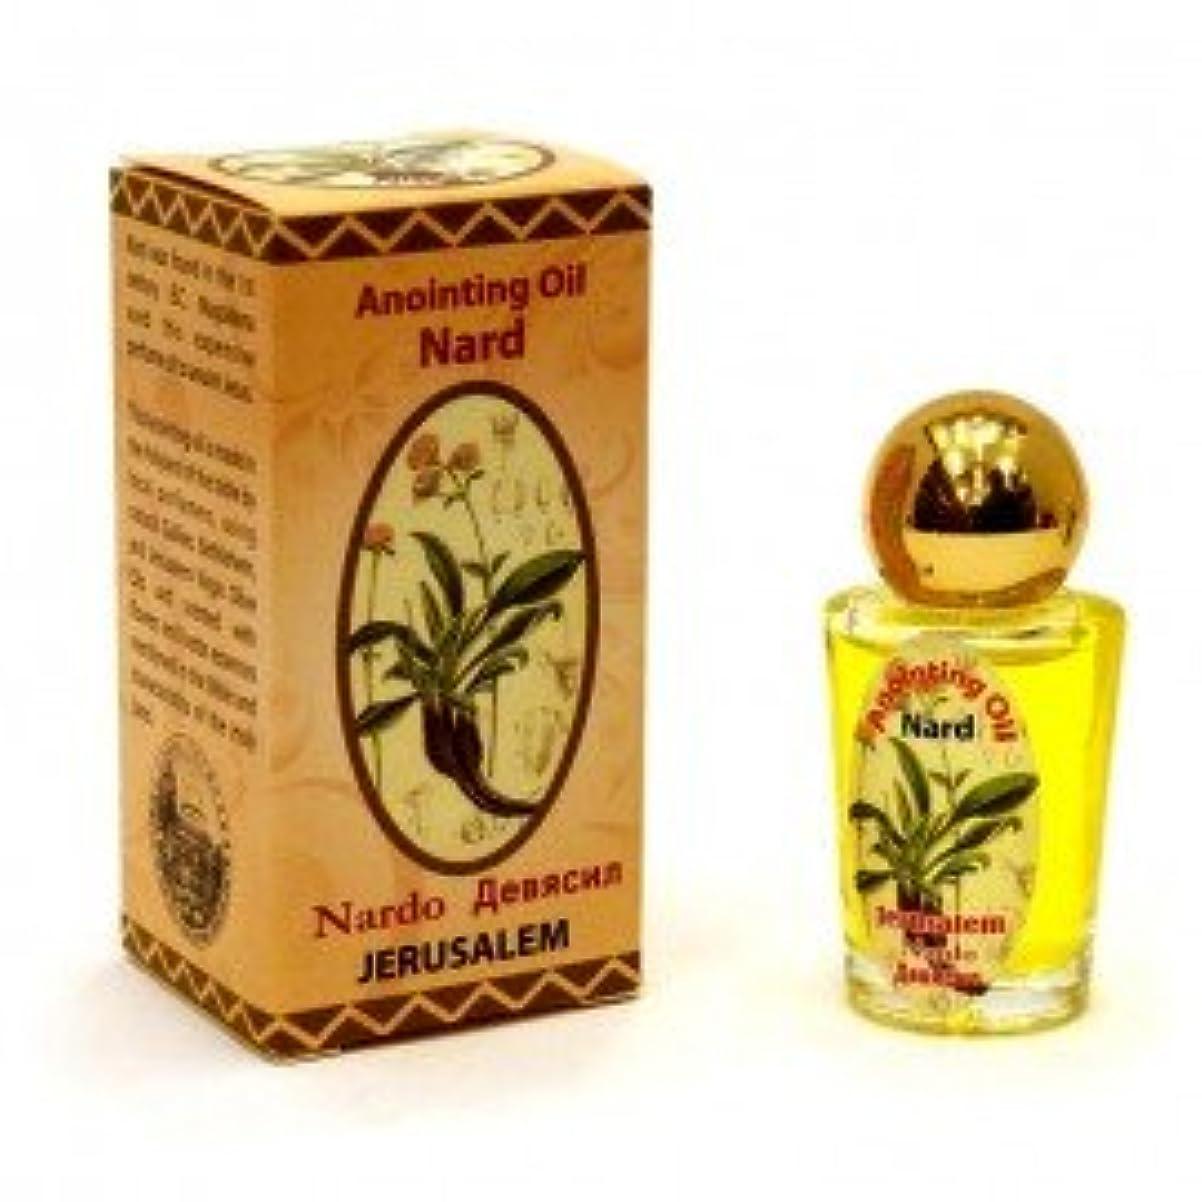 拒絶暗くする生じるHoly Land Blessed Anointingオイル30 ml Biblical Fragrance Jerusalem byベツレヘムギフトTM